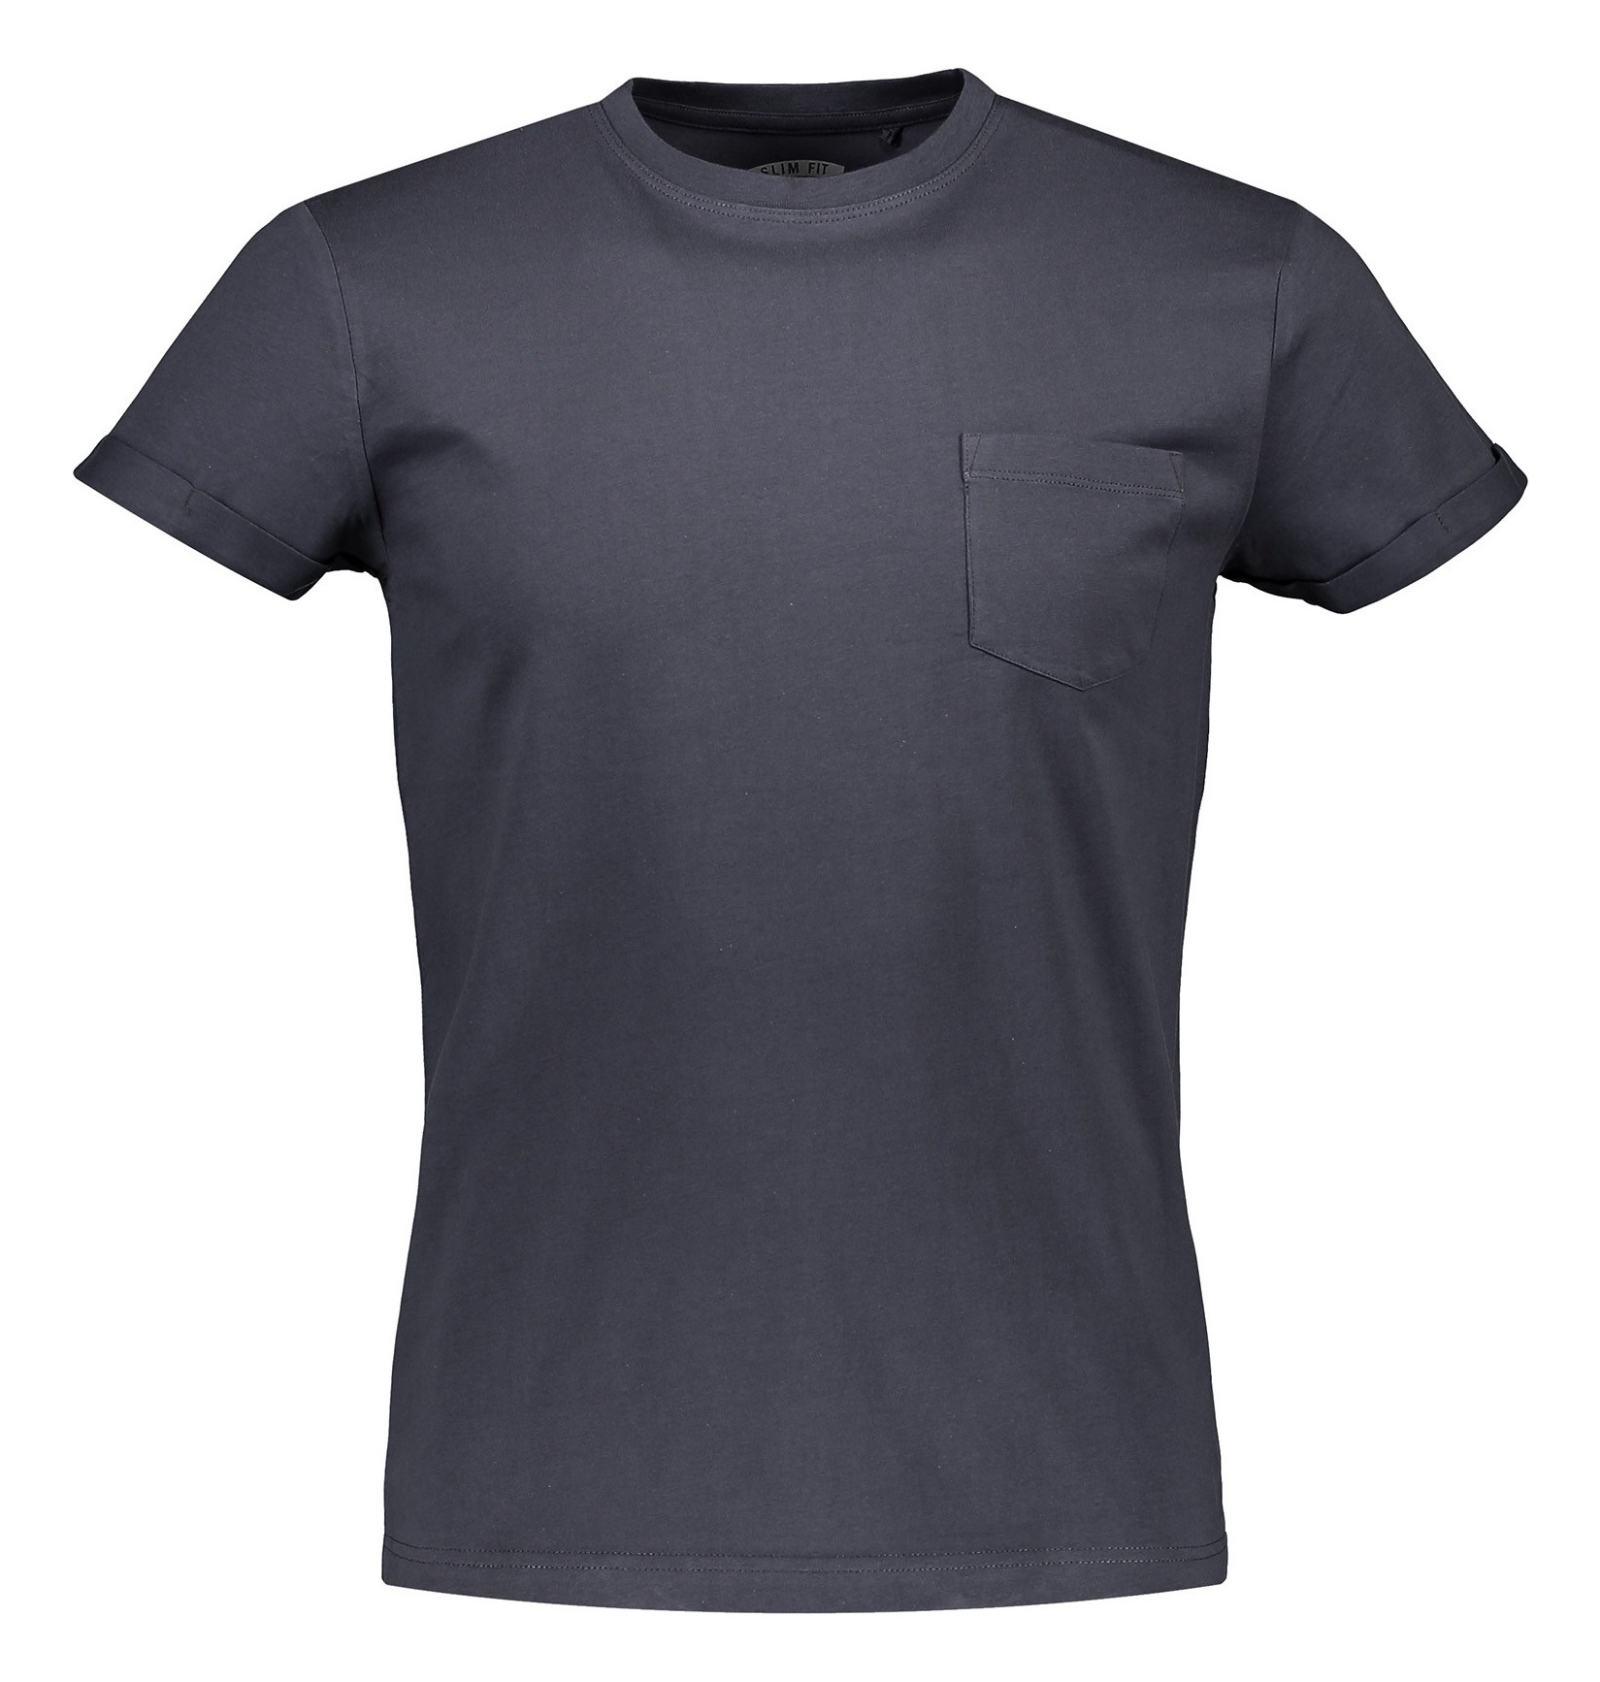 تی شرت نخی یقه گرد مردانه - رد هرینگ - طوسي - 1